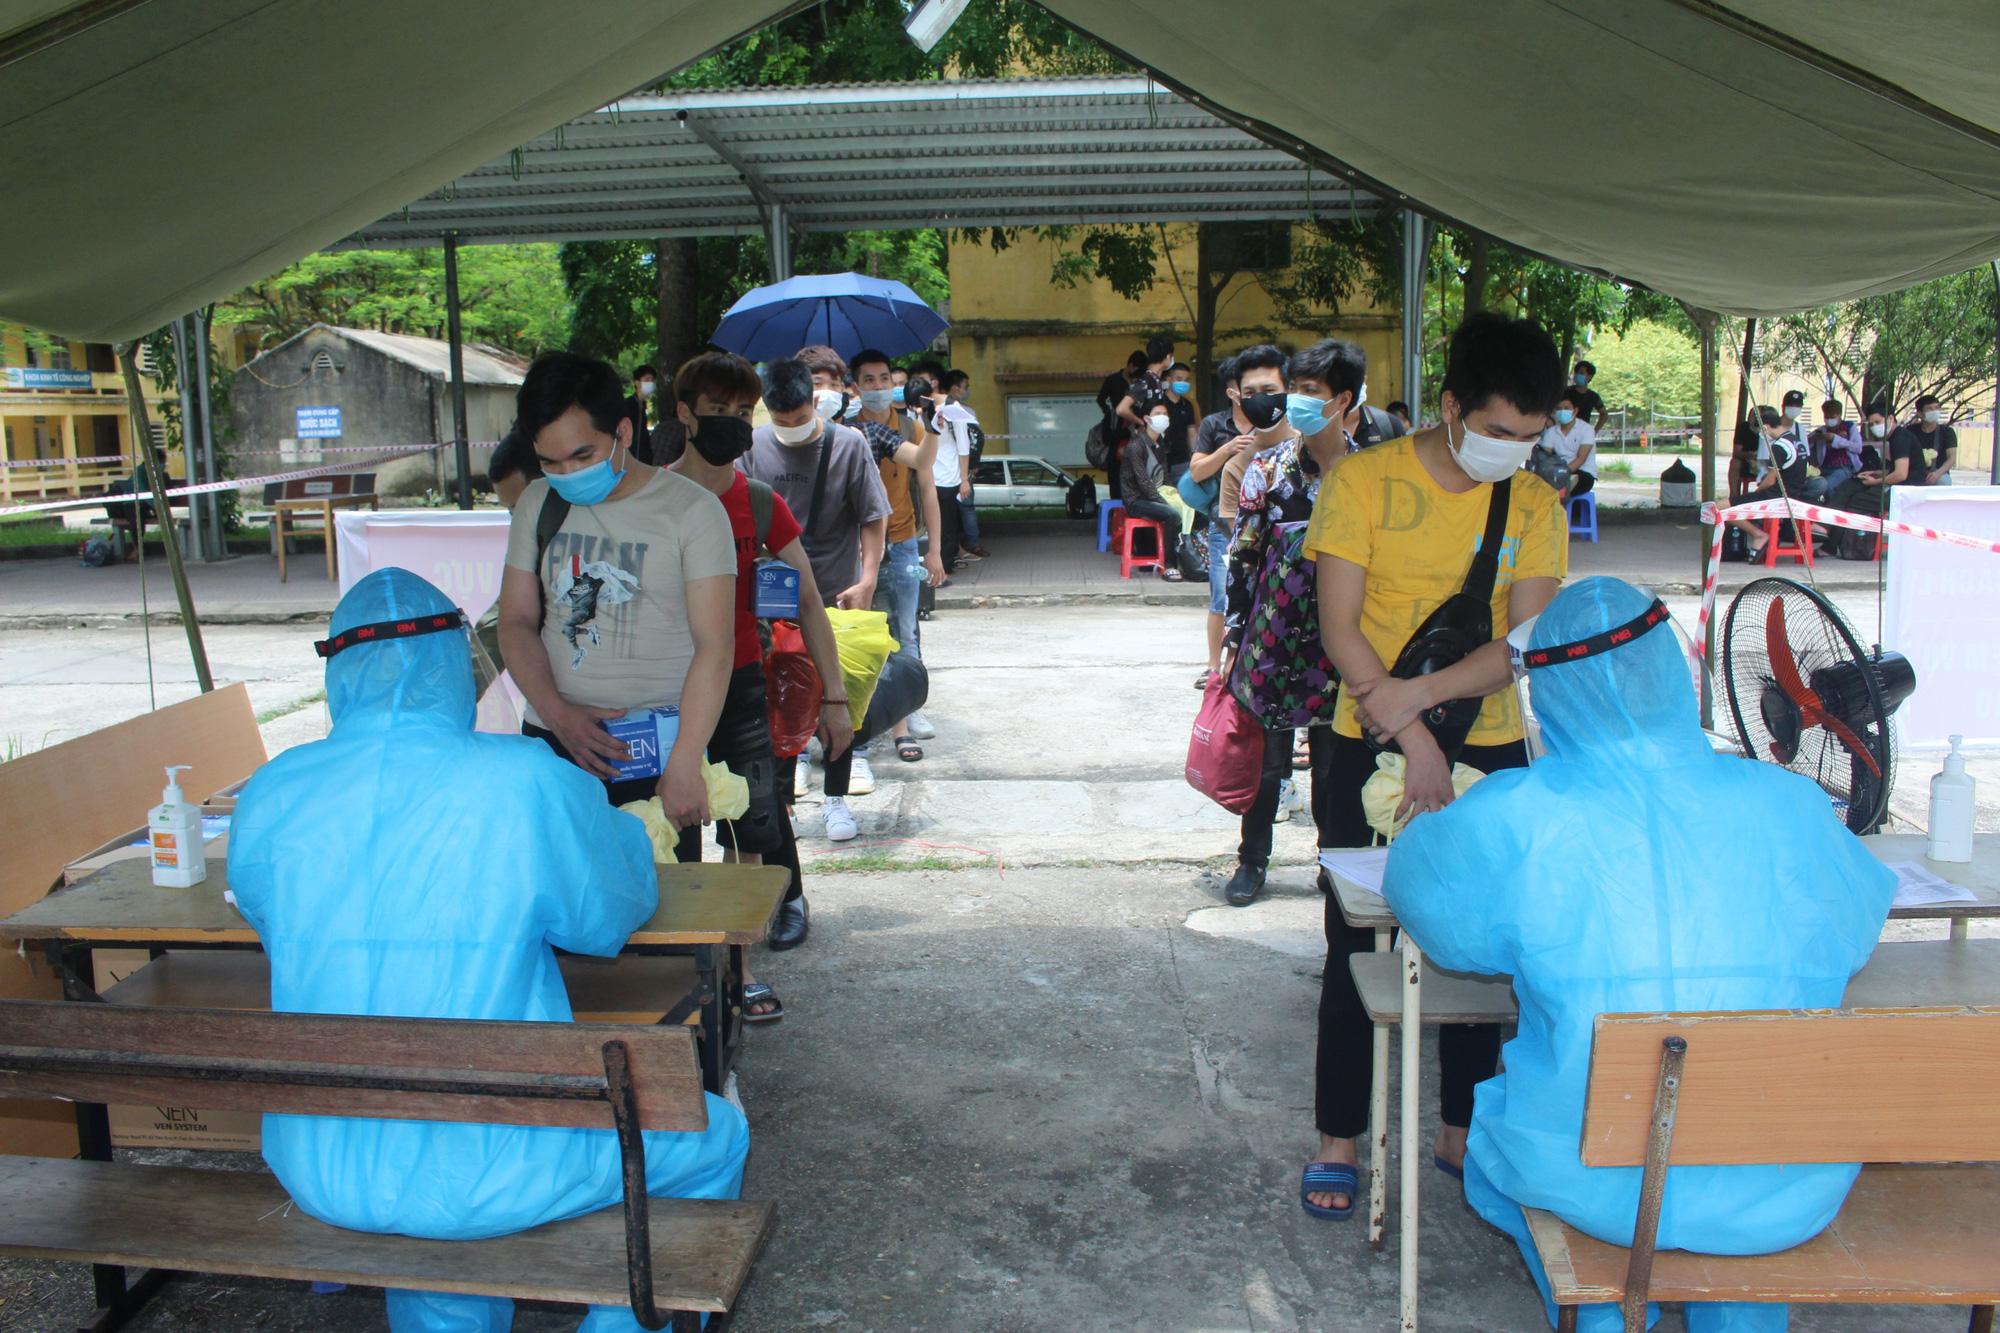 Gần 500 người lao động từ vùng dịch Bắc Giang đã về đến Thái Nguyên - Ảnh 2.